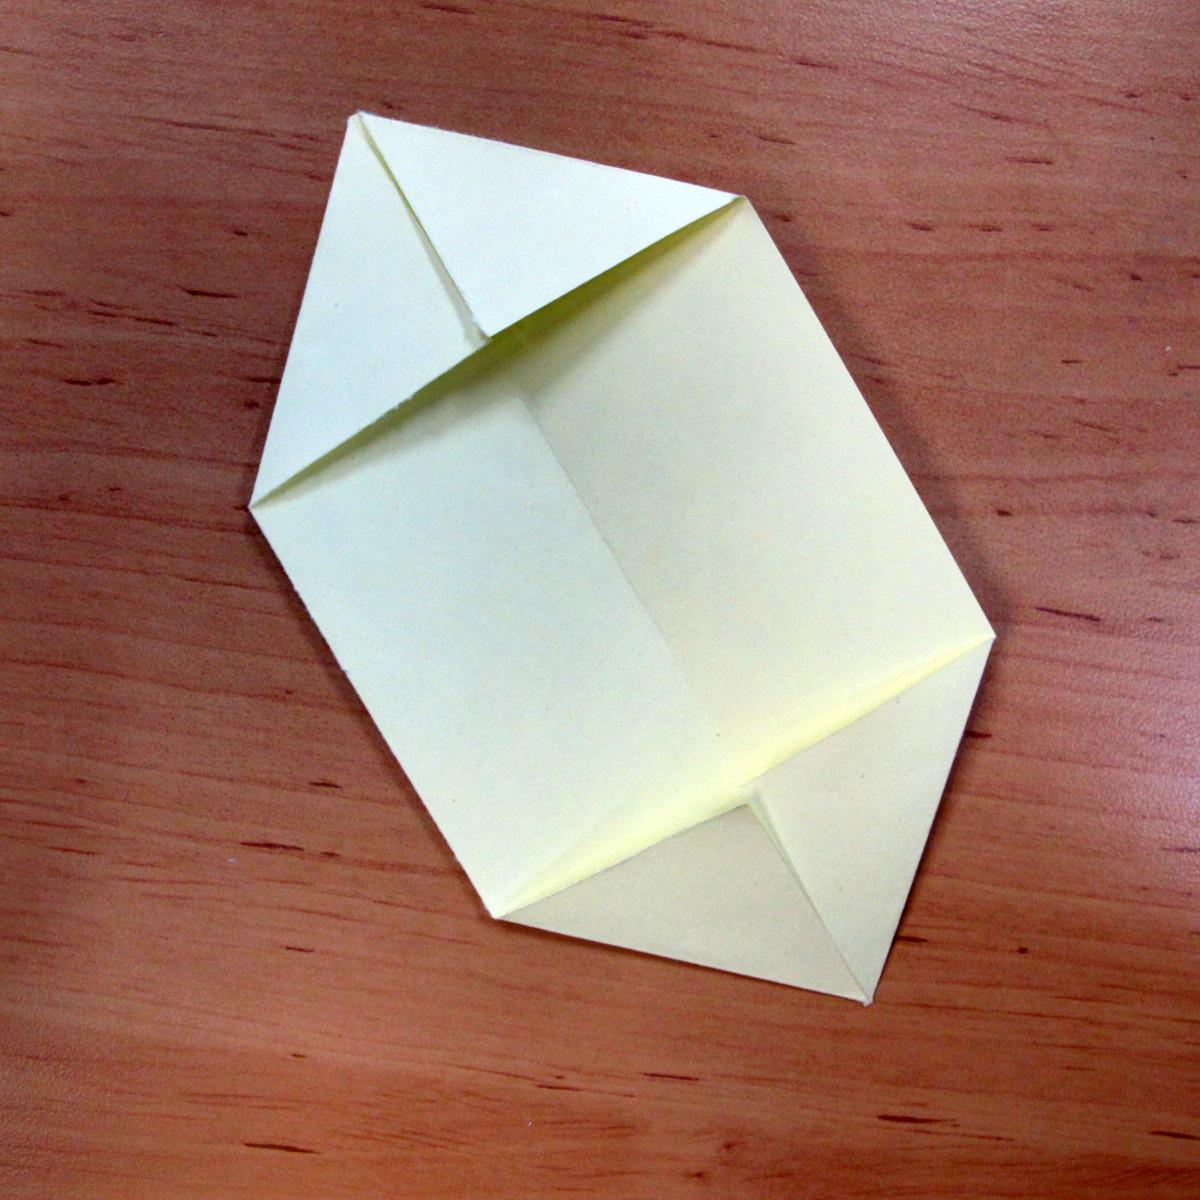 วิธีการพับกระดาษเป็นดอกบัวแบบแยกประกอบส่วน 004